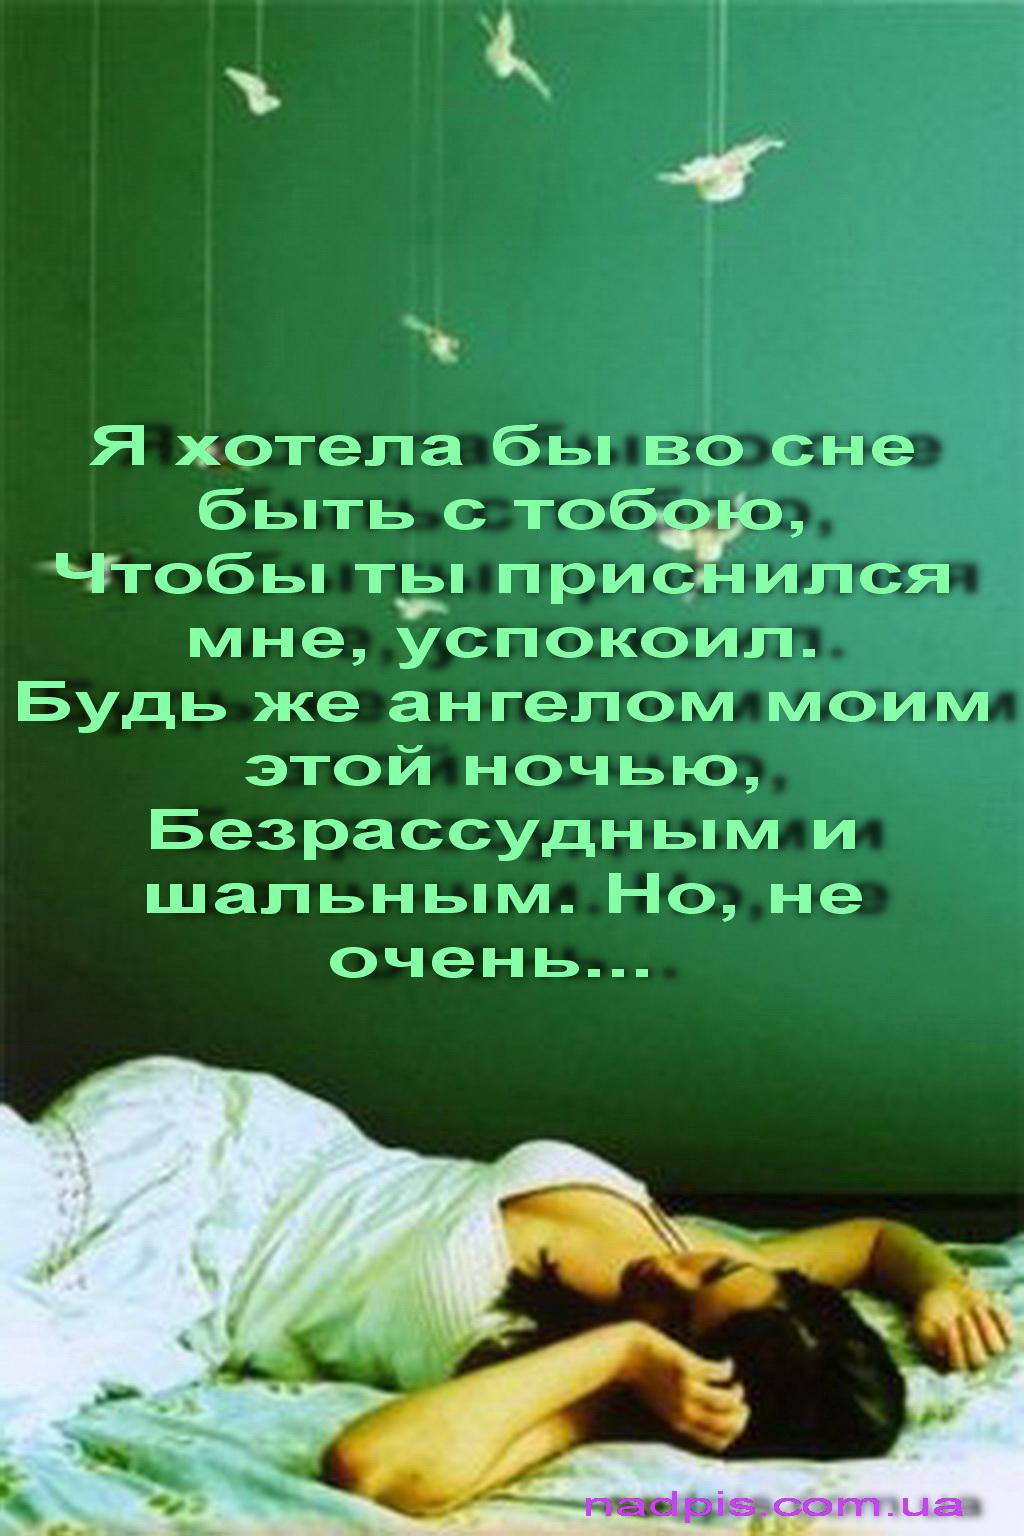 eroticheskie-slova-parnyu-svoimi-slovami